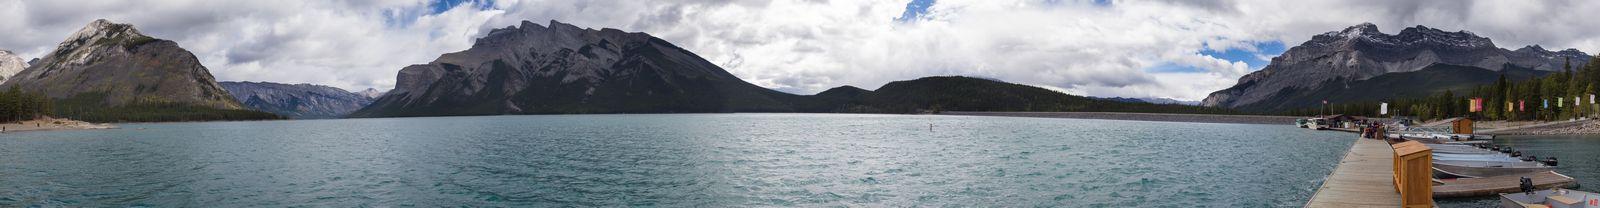 El inacabable Minnewanka Lake